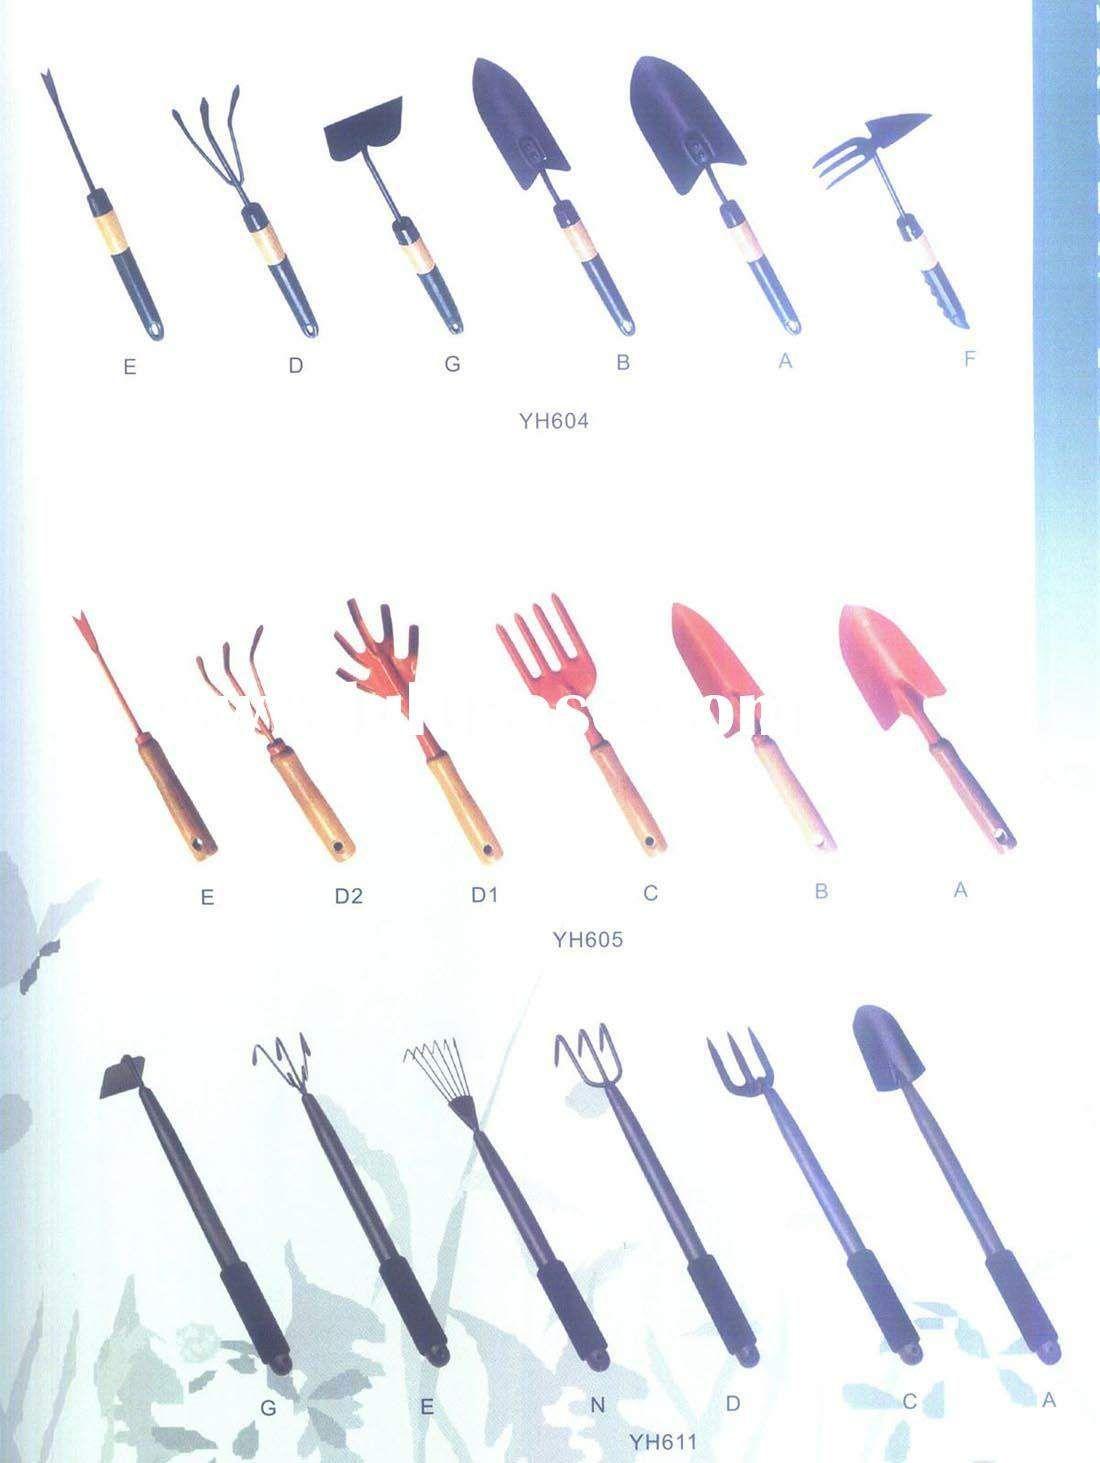 garden tools names garden tools names Manufacturers in LuLuSoSo CIr2p7S8. garden tools names garden tools names Manufacturers in LuLuSoSo